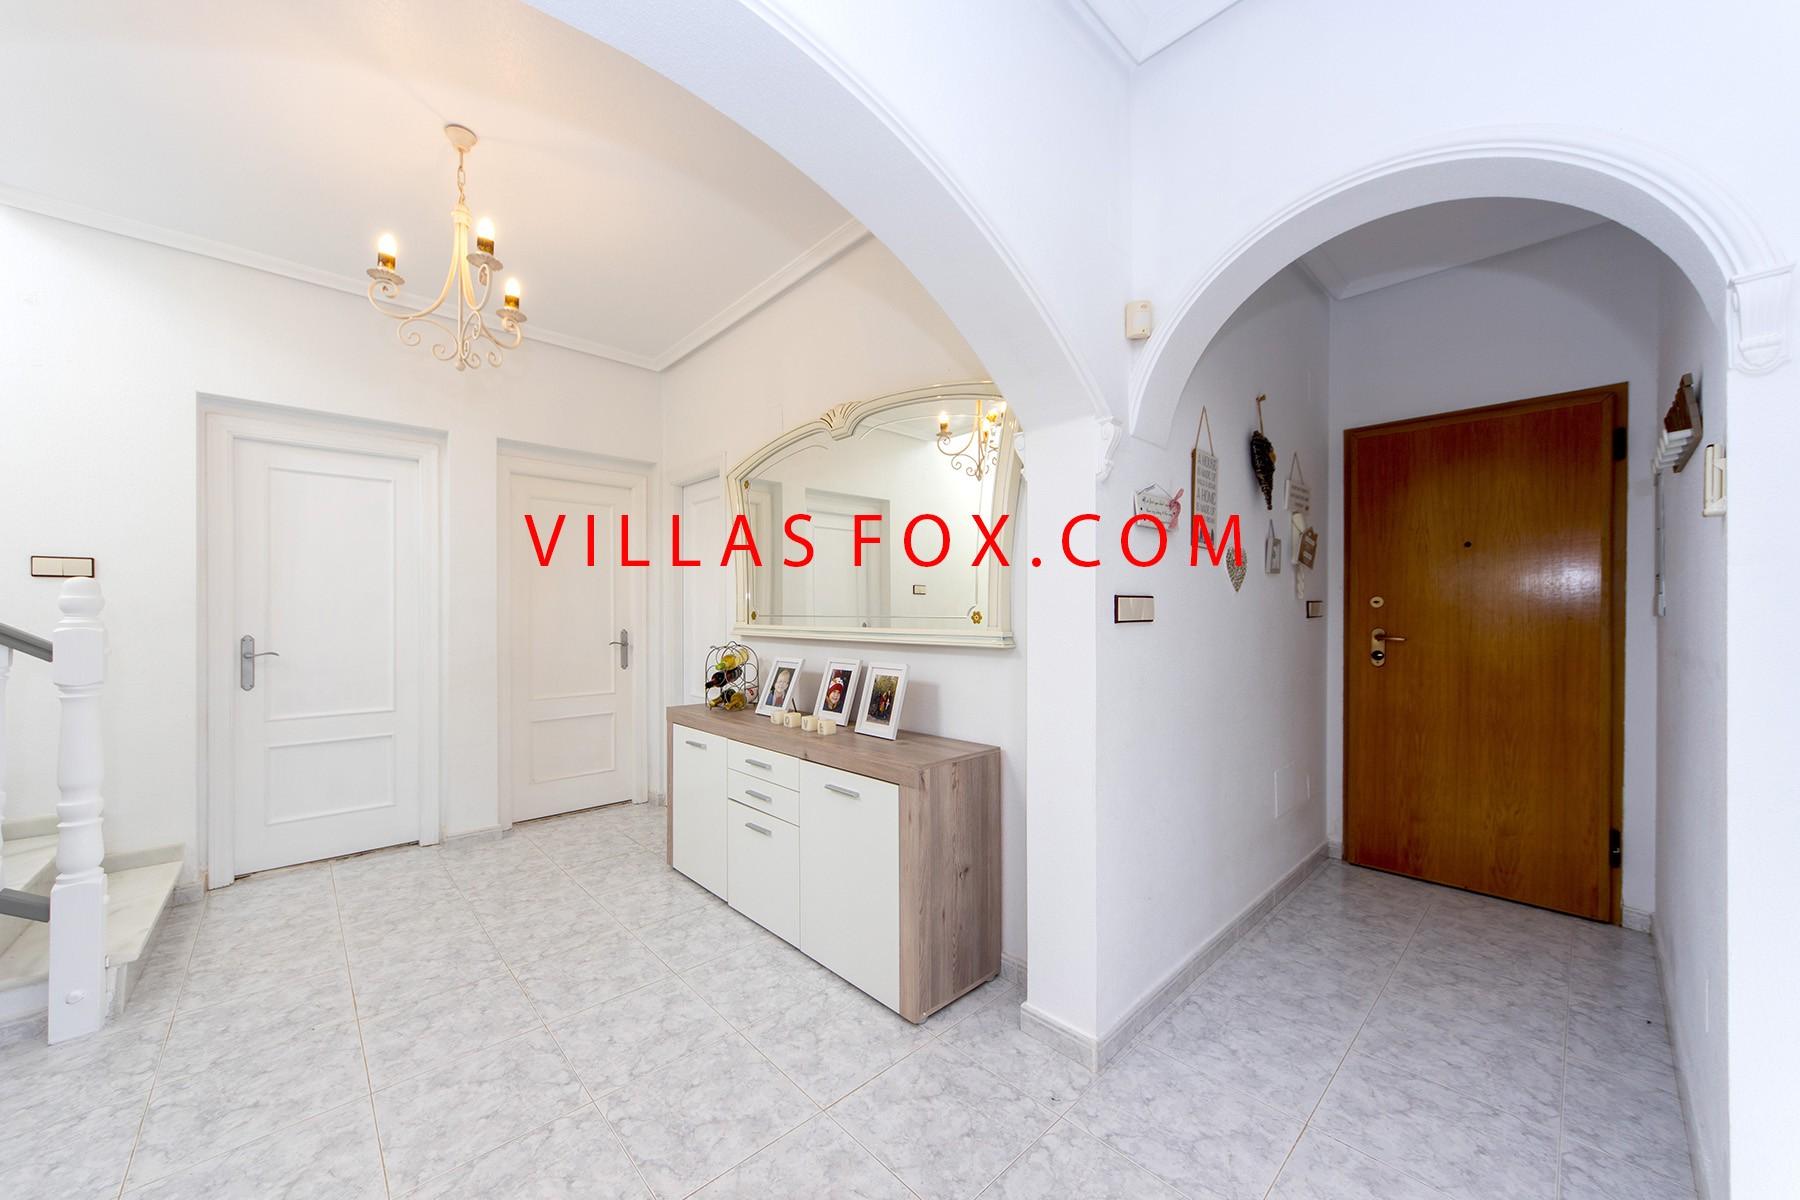 וילהסמריה וילה צמודה עם 4 חדרי שינה עם בריכה פרטית ונוף נהדר!